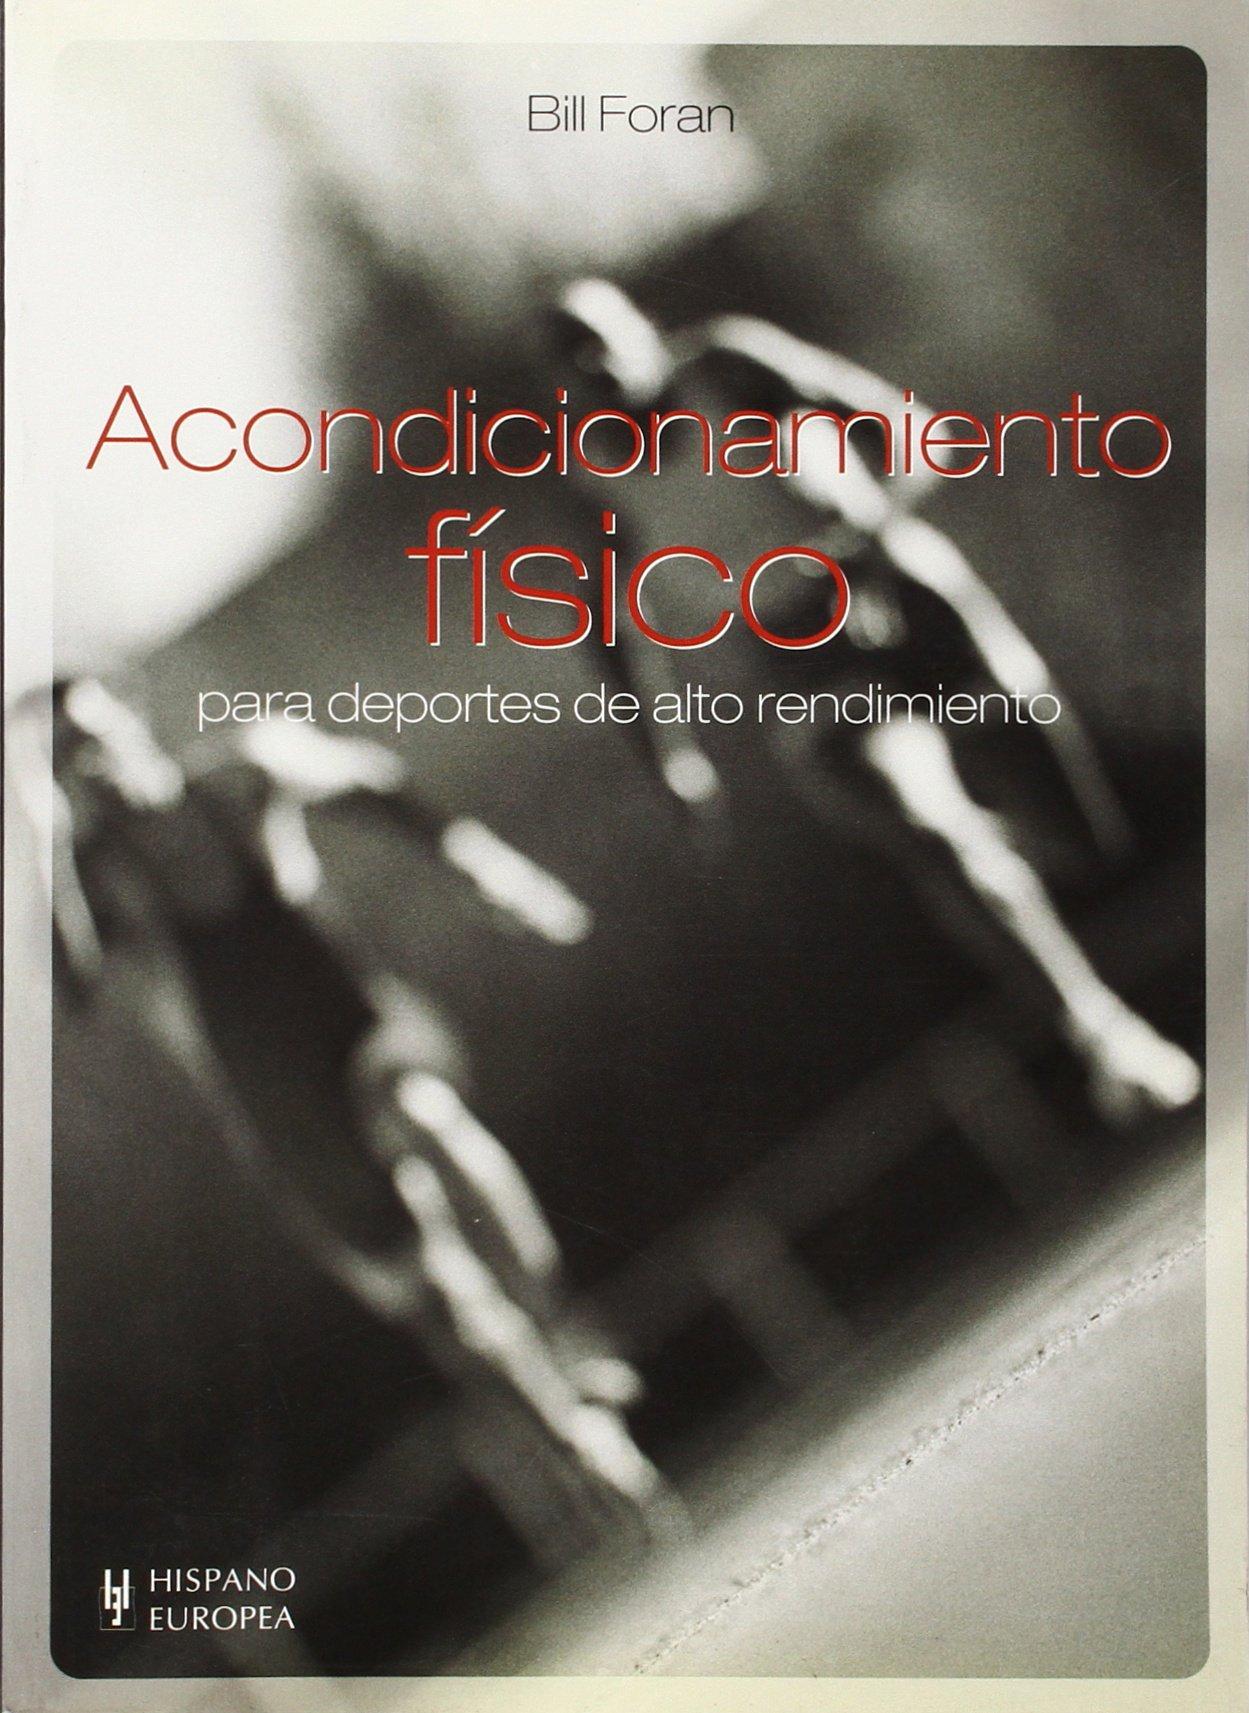 Download Acondicionmiento fisico para deportes de alto rendimiento (Spanish Edition) PDF